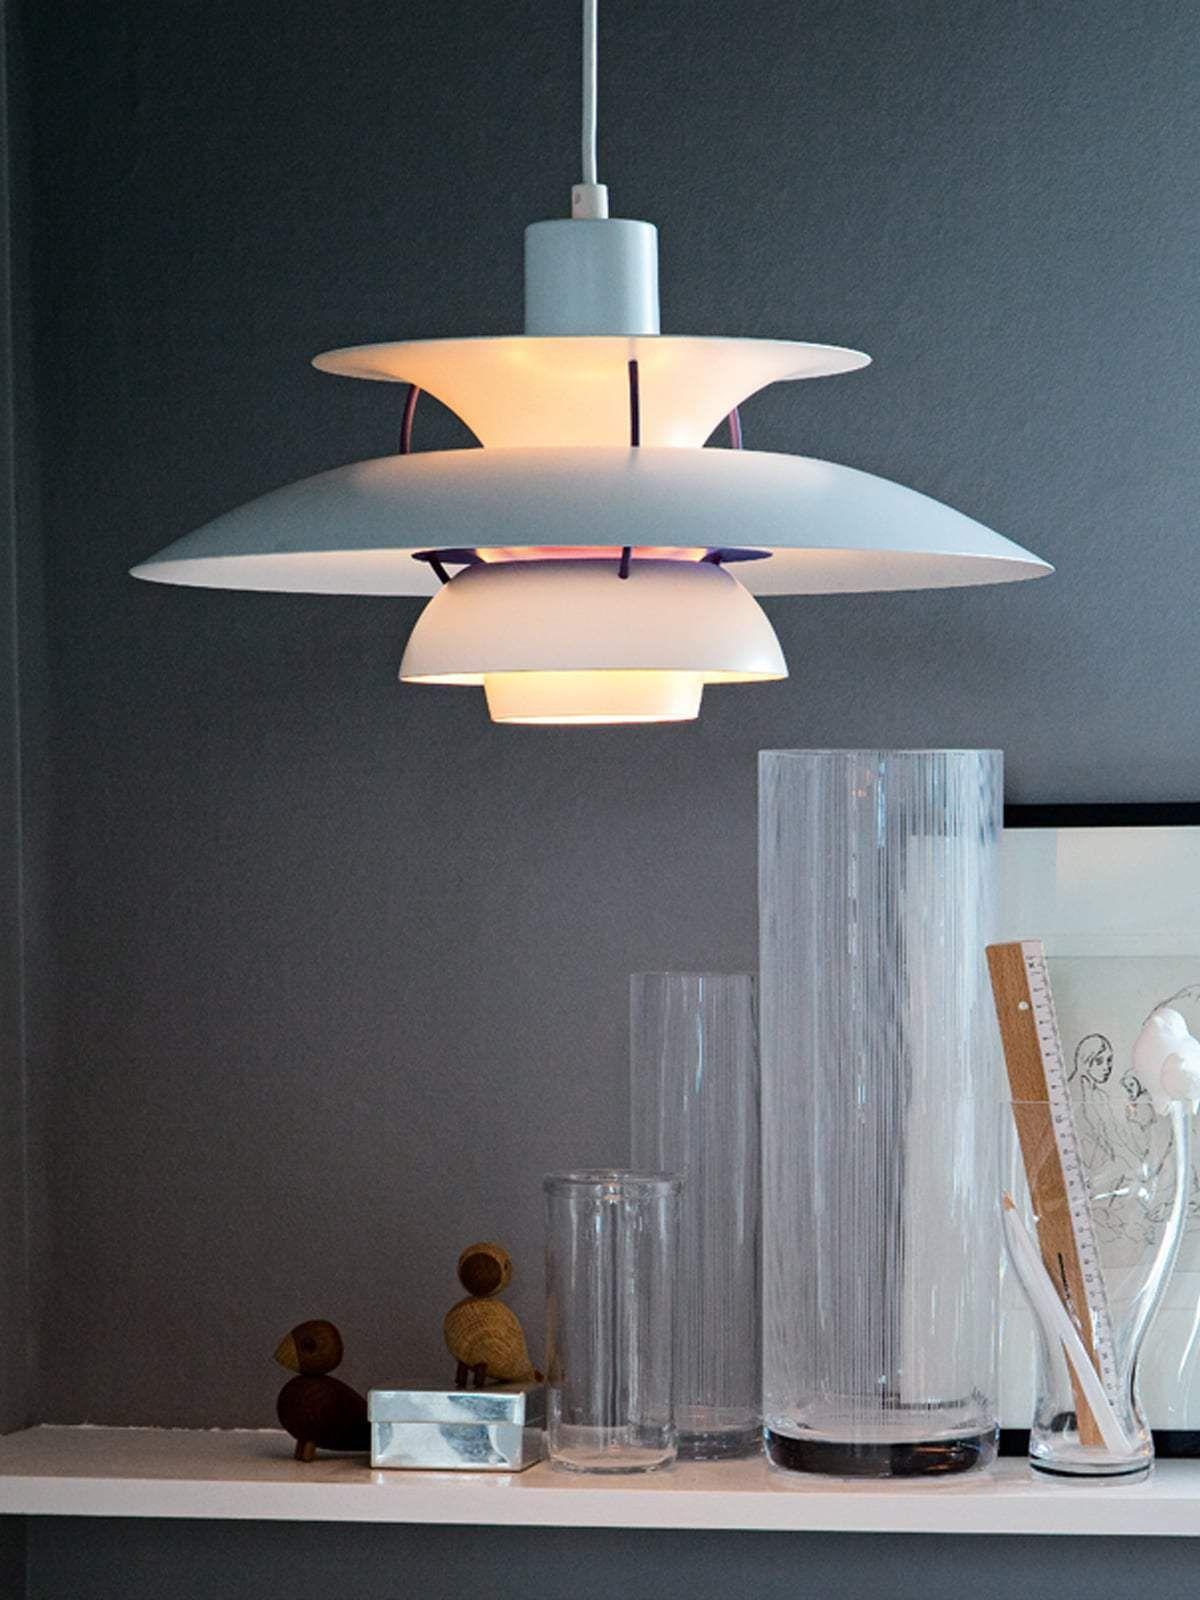 Klassische designerleuchten designort blog lampen und for Designerleuchten esszimmer